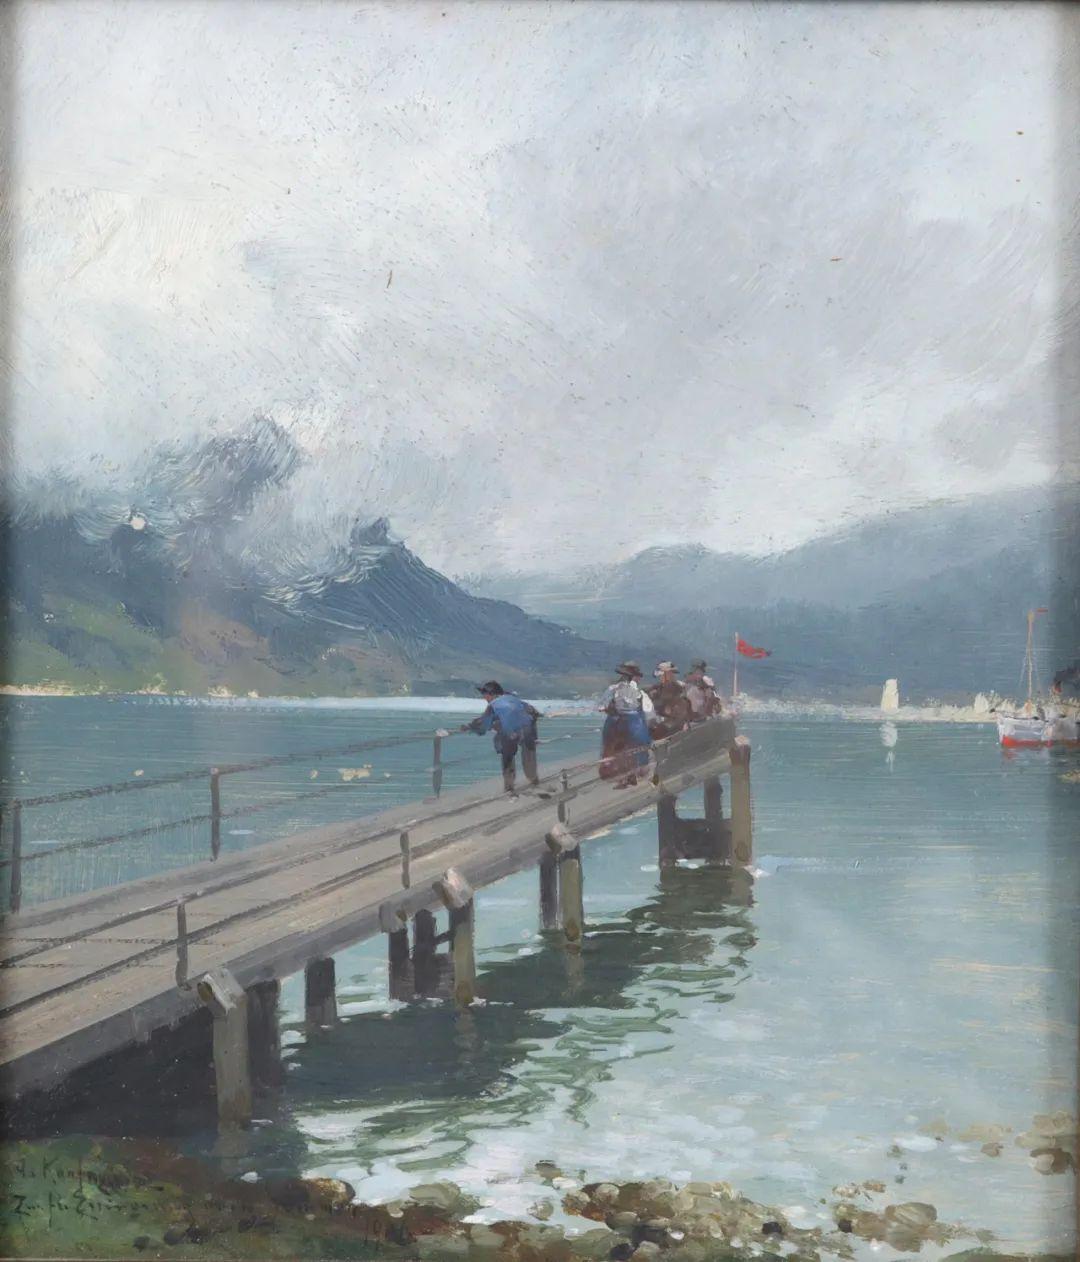 风景油画丨奥地利画家阿道夫·考夫曼的精美风景画插图43